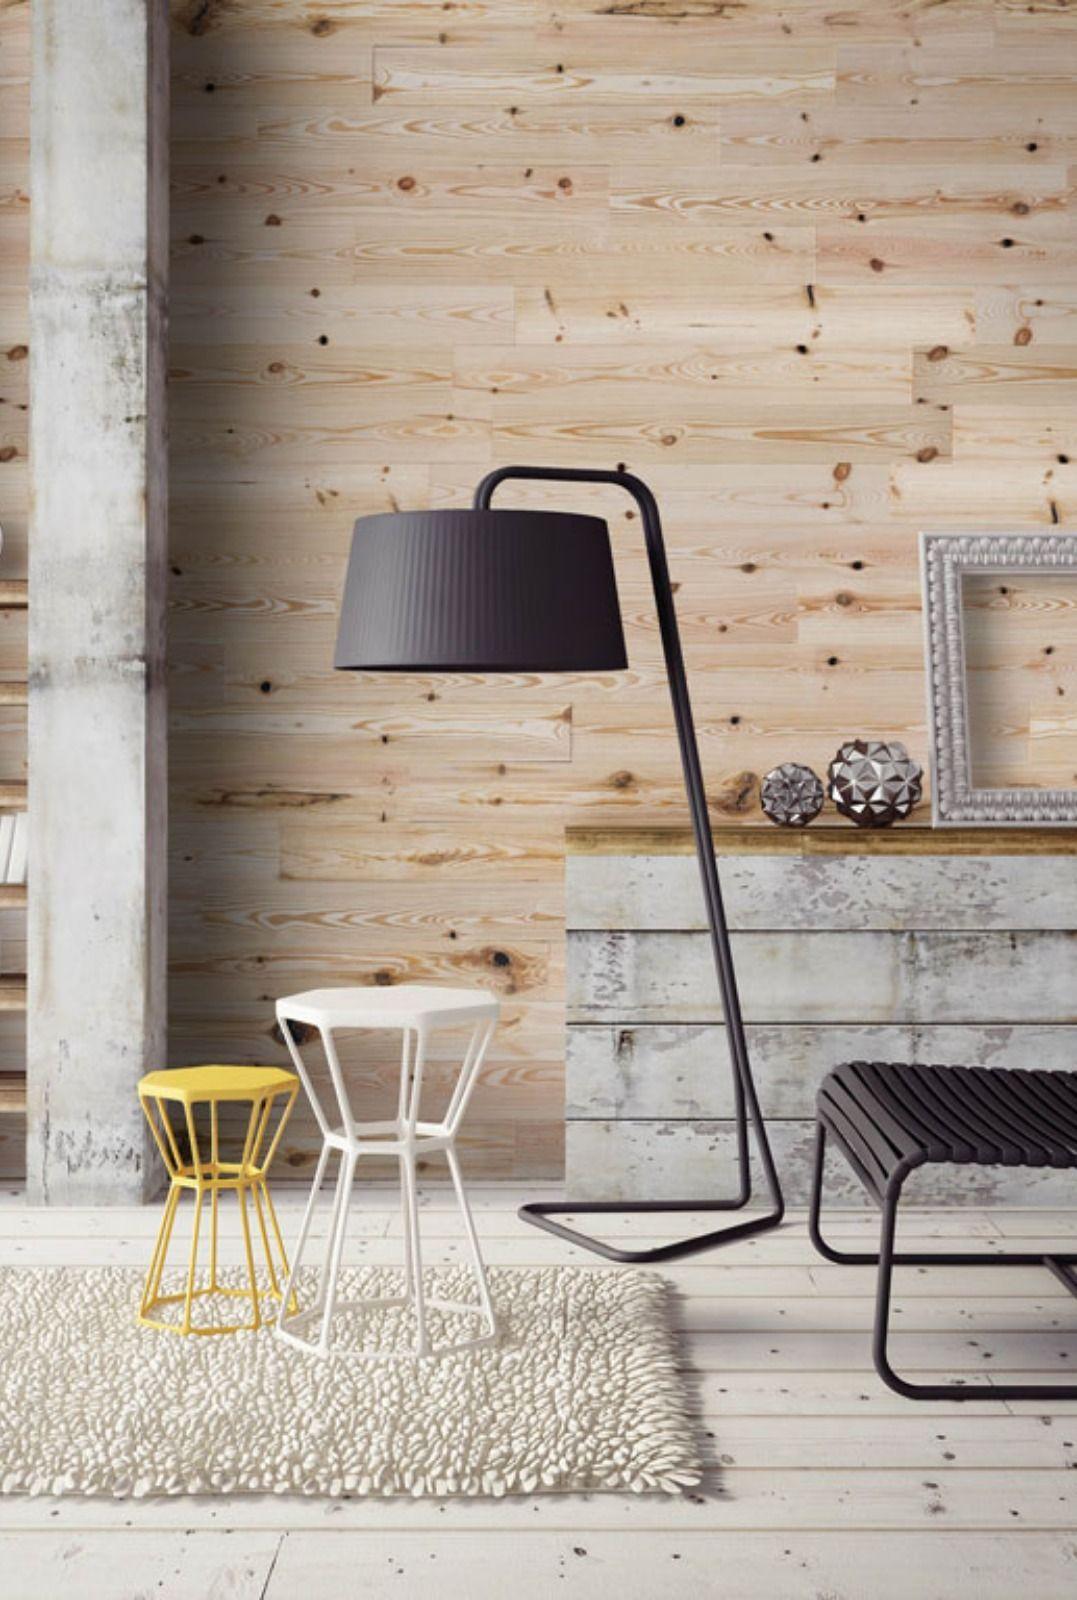 Schlafzimmer Holzverkleidung Fur Die Wand Mit Wandwood Paneele Einfach Kleben Holzwand Verk In 2020 Wooden Walls Living Room Designs Wood Cladding